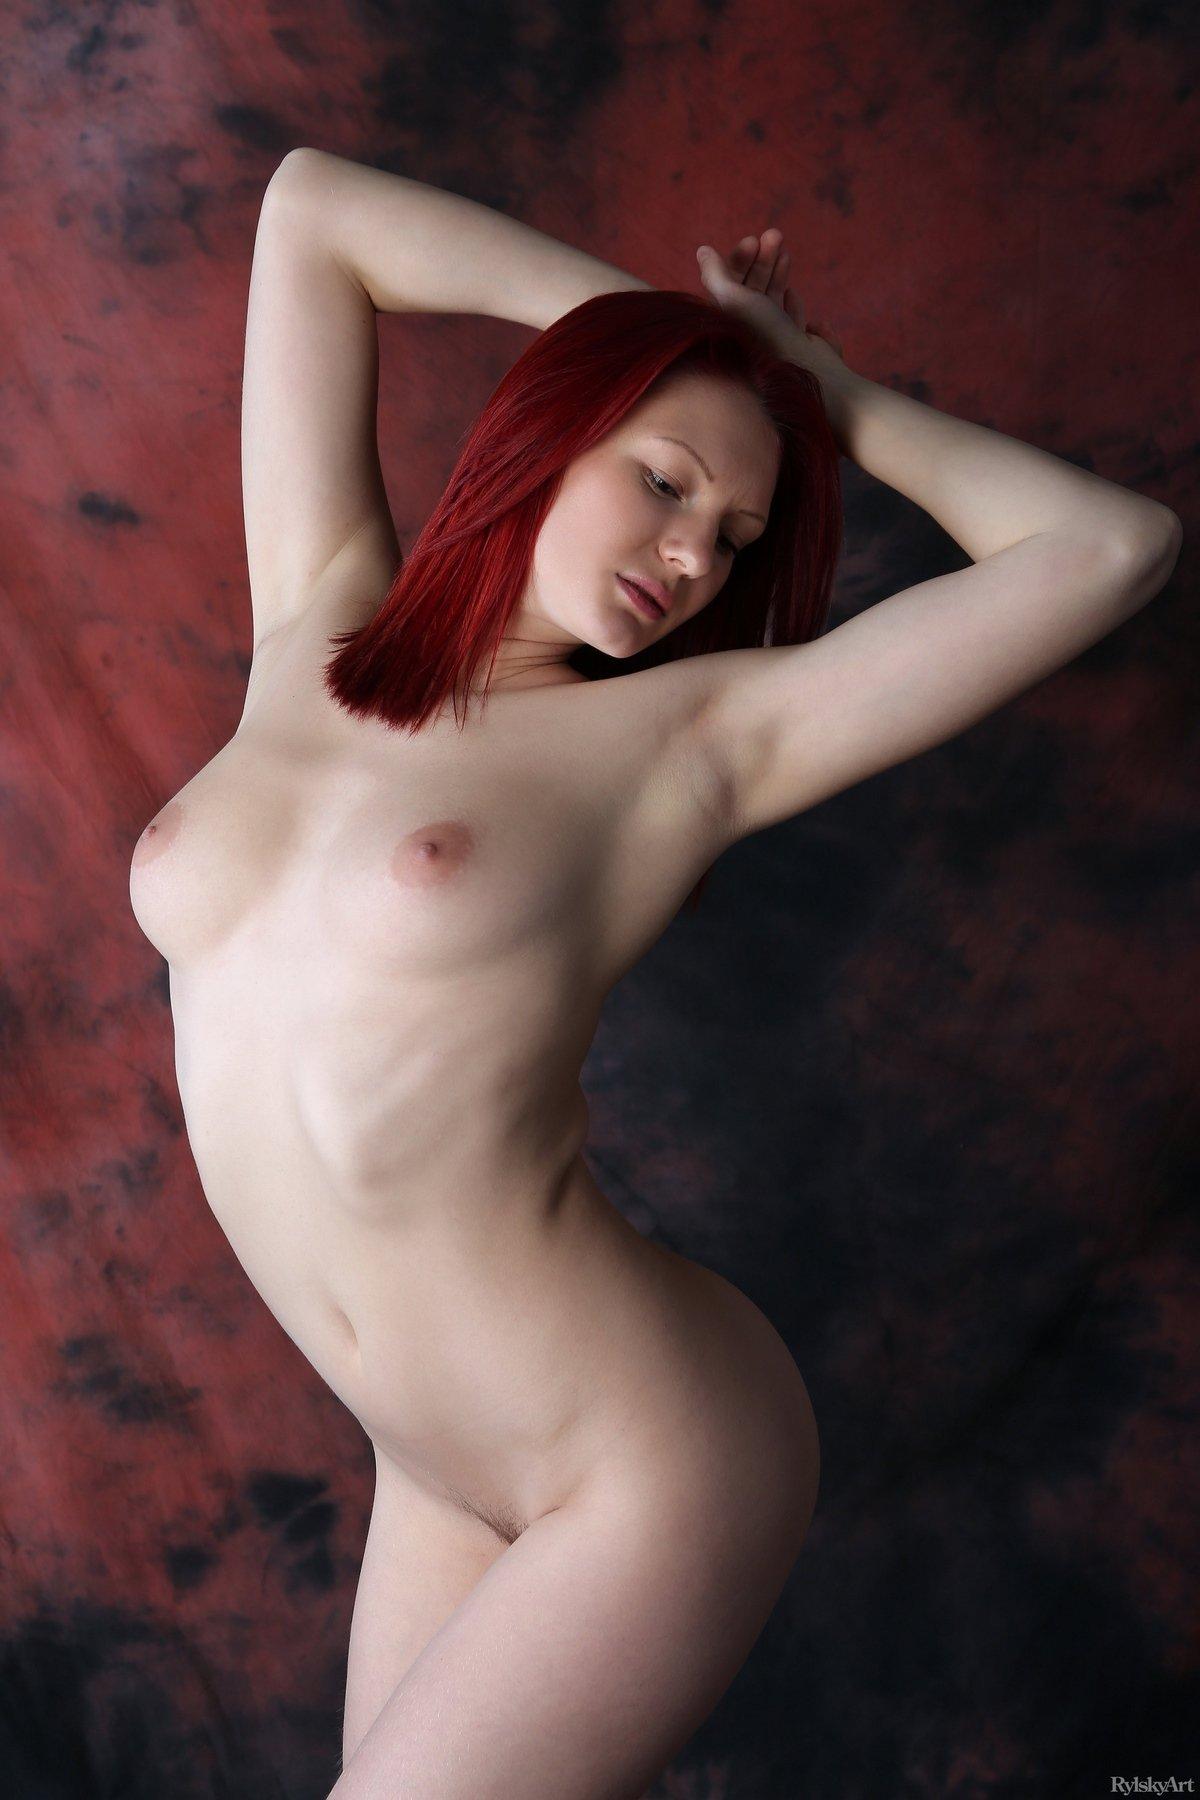 Красивая рыжеволосая модель принимает соблазнительные позы